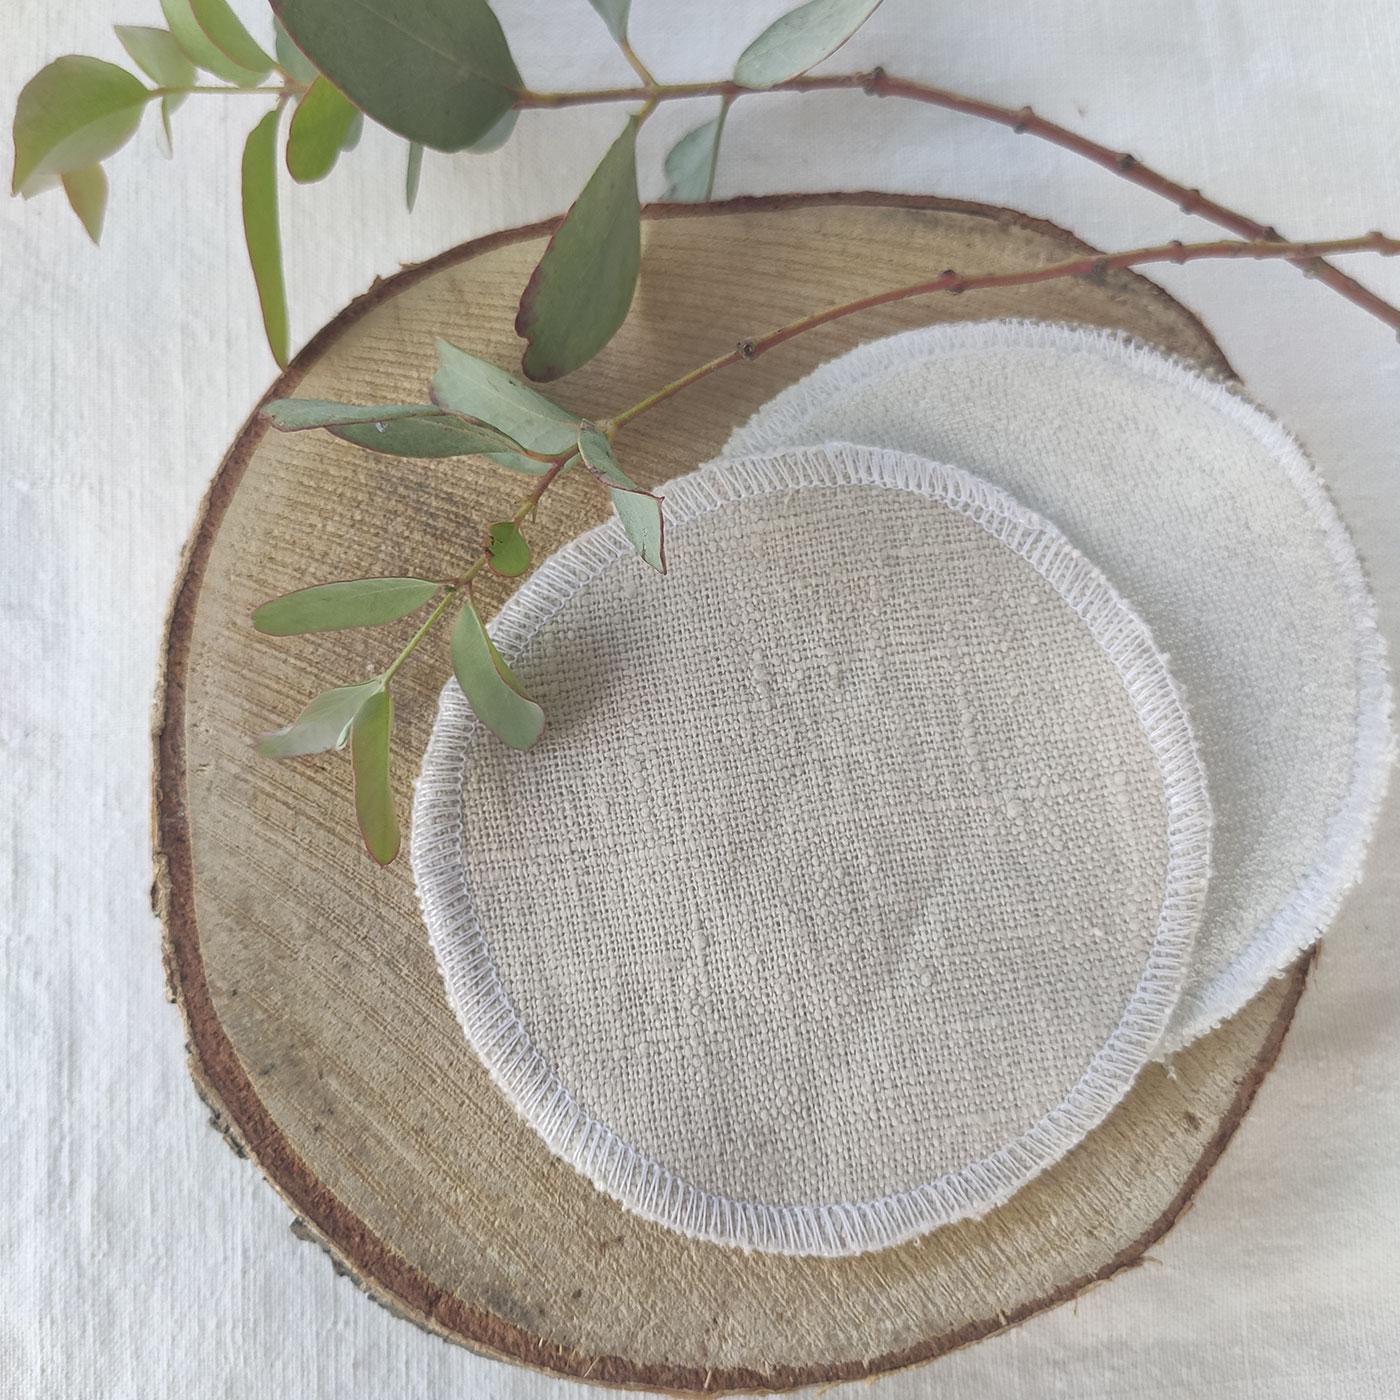 Les lingettes nettoyantes/démaquillantes/lin en eucalyptus par l'échoppe de Nine